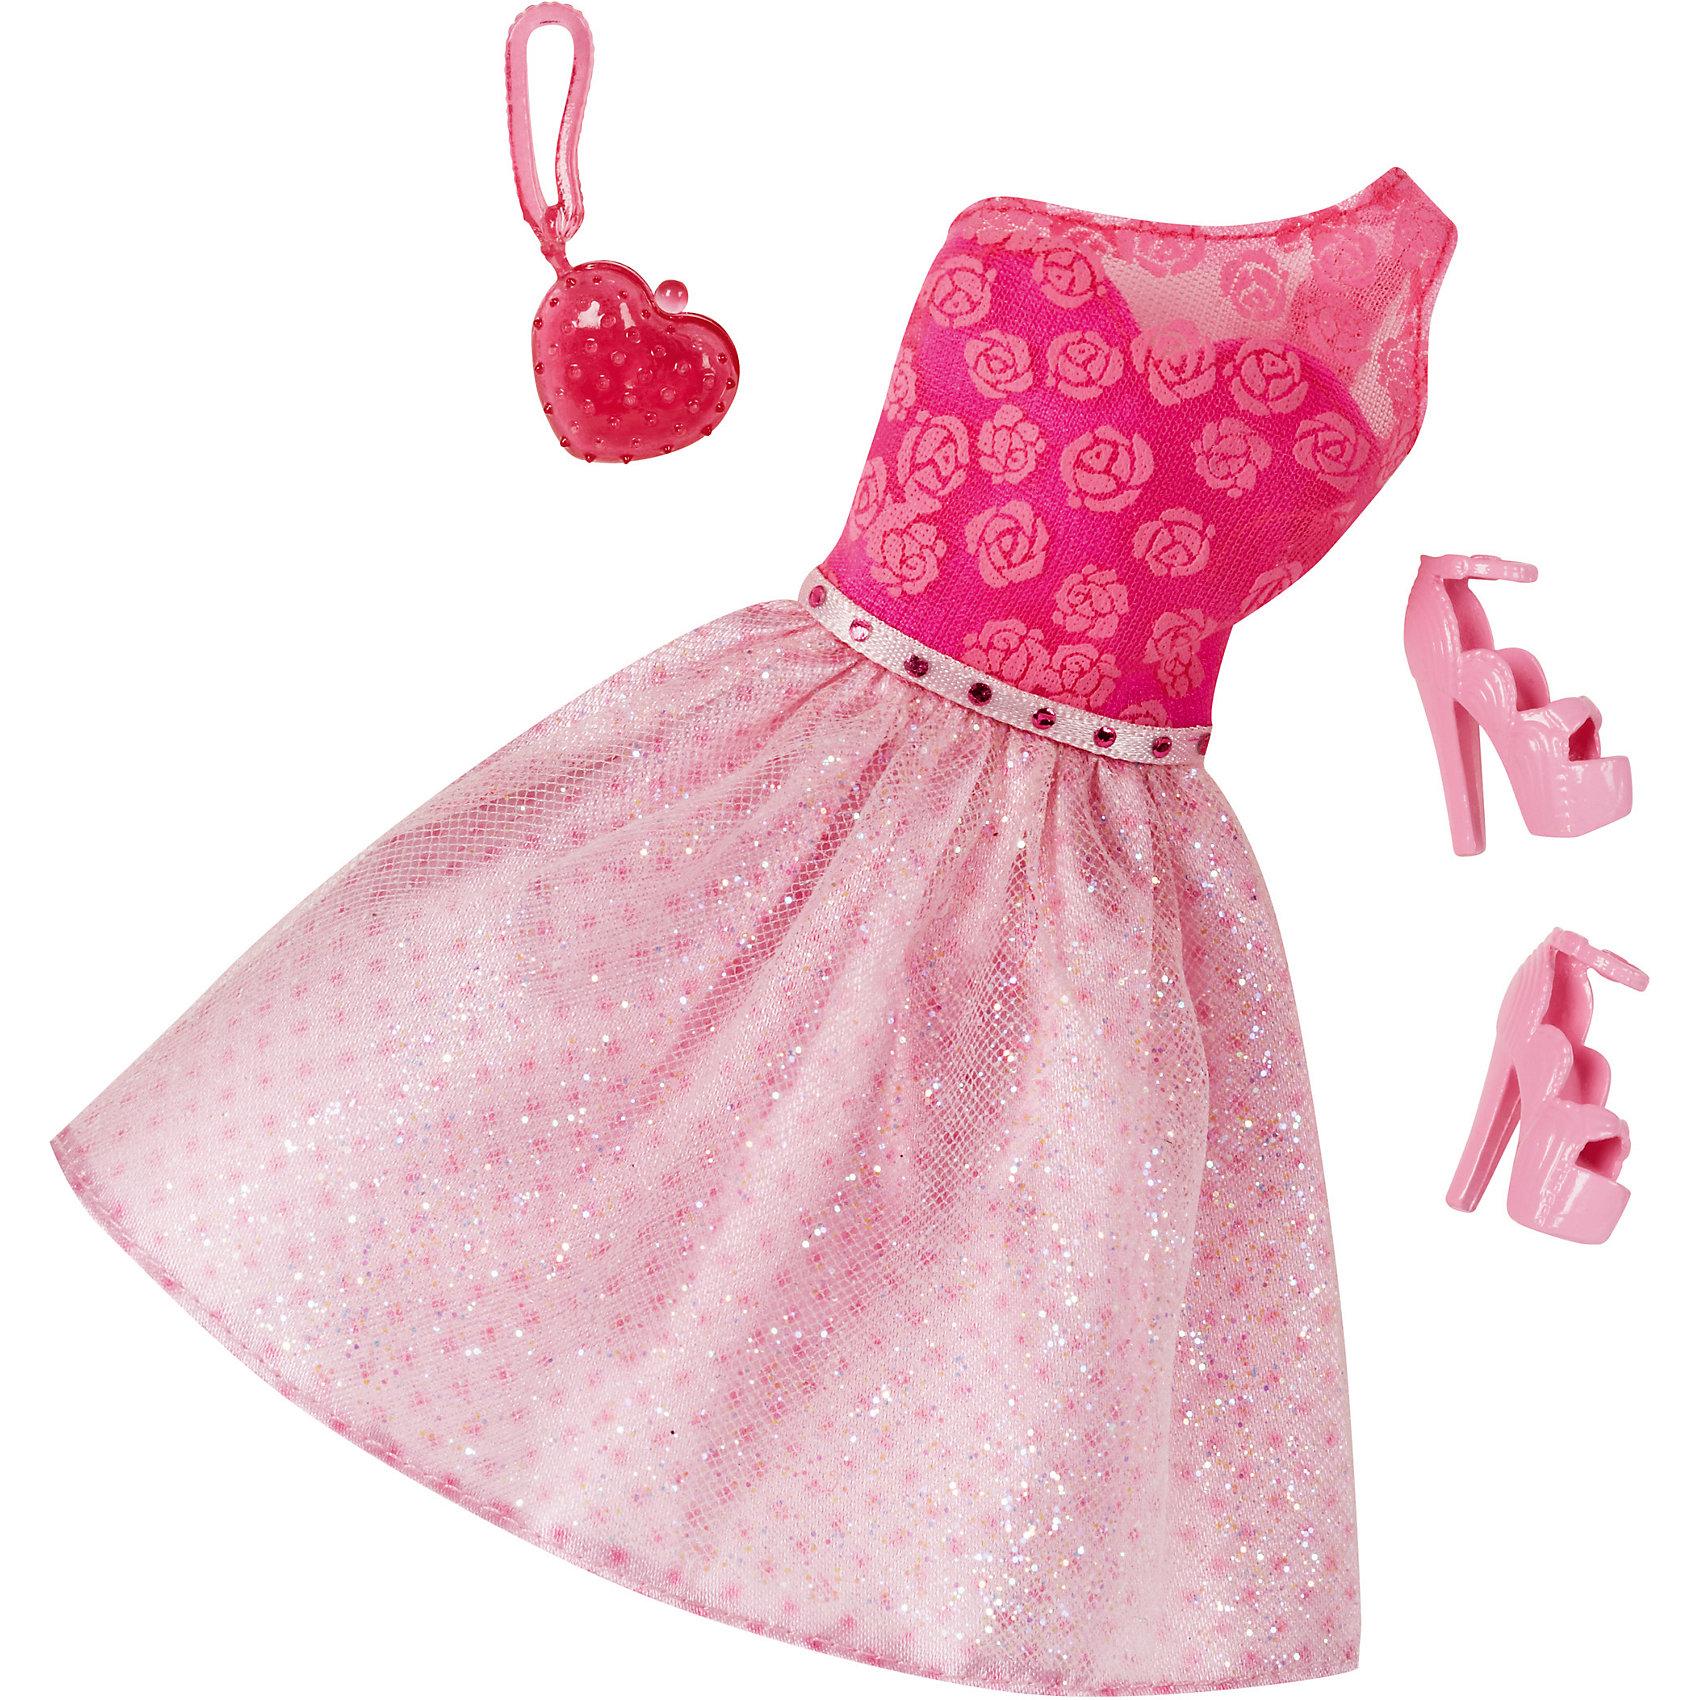 Комплект одежды, BarbieКомплект одежды, Barbie, станет прекрасным подарком для всех юных обладательниц кукол Барби. В ассортименте представлена серия шикарных праздничных нарядов, которые сделают Вашу куколку еще более ослепительной. Здесь есть роскошные платья и стильные пальто, а к ним - подходящие элегантные туфли и сумочка. Все модели выполнены по мотивам реальных модных тенденций. Современные силуэты, красивые ткани, эффектные расцветки будут по достоинству оценены юной модницей. Предметы из разных комплектов можно комбинировать, создавая новые шикарные образы для любимой куклы. Одежда подходит большинству кукол Барби. Кукла в комплект не входит, продается отдельно!<br><br>Дополнительная информация:<br><br>- В комплекте: один предмет одежды (платье или пальто), пара туфель, сумочка.<br>- Кукла продается отдельно!<br>- Материал: текстиль, пластик.<br>- Размер упаковки: 12 х 2 х 25 см.<br><br>Комплект одежды, Barbie, можно купить в нашем интернет-магазине.<br><br>Ширина мм: 257<br>Глубина мм: 119<br>Высота мм: 12<br>Вес г: 30<br>Возраст от месяцев: 36<br>Возраст до месяцев: 96<br>Пол: Женский<br>Возраст: Детский<br>SKU: 4918804